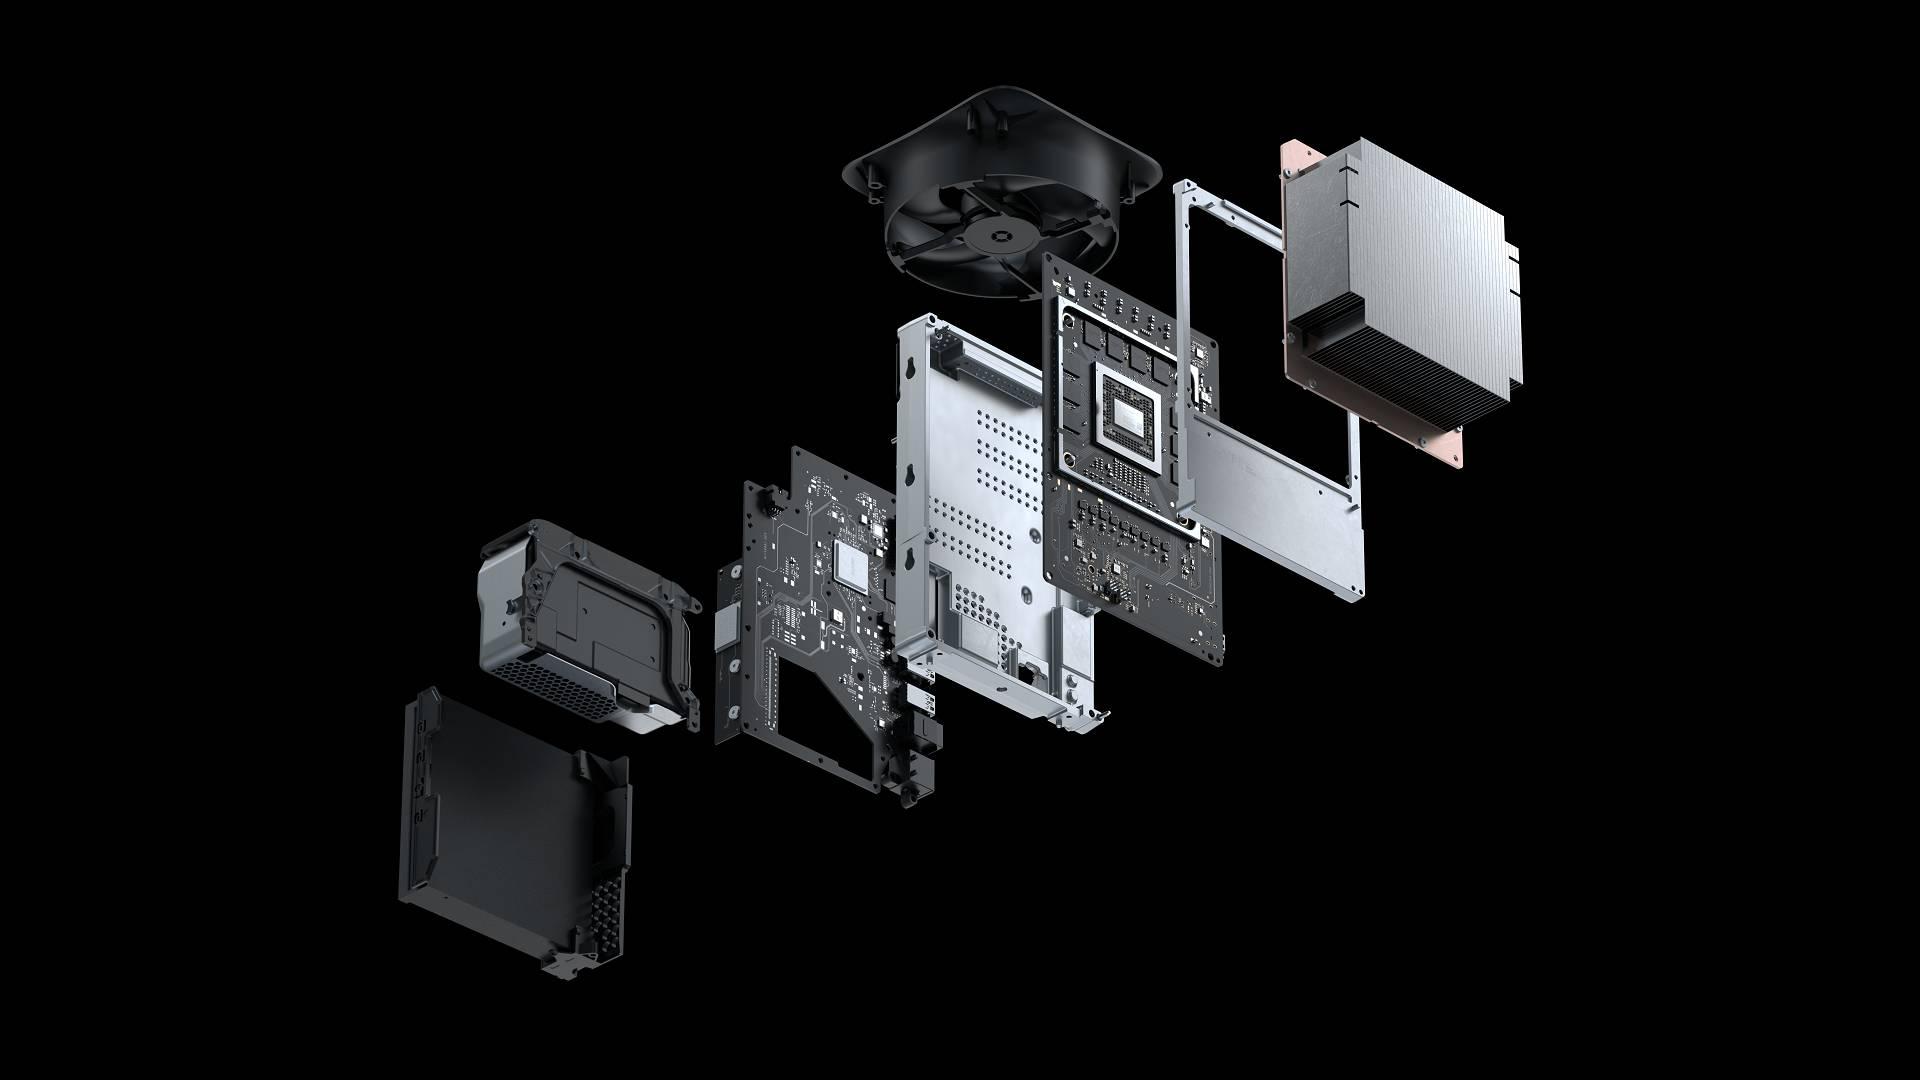 Xbox Series X componenti interne